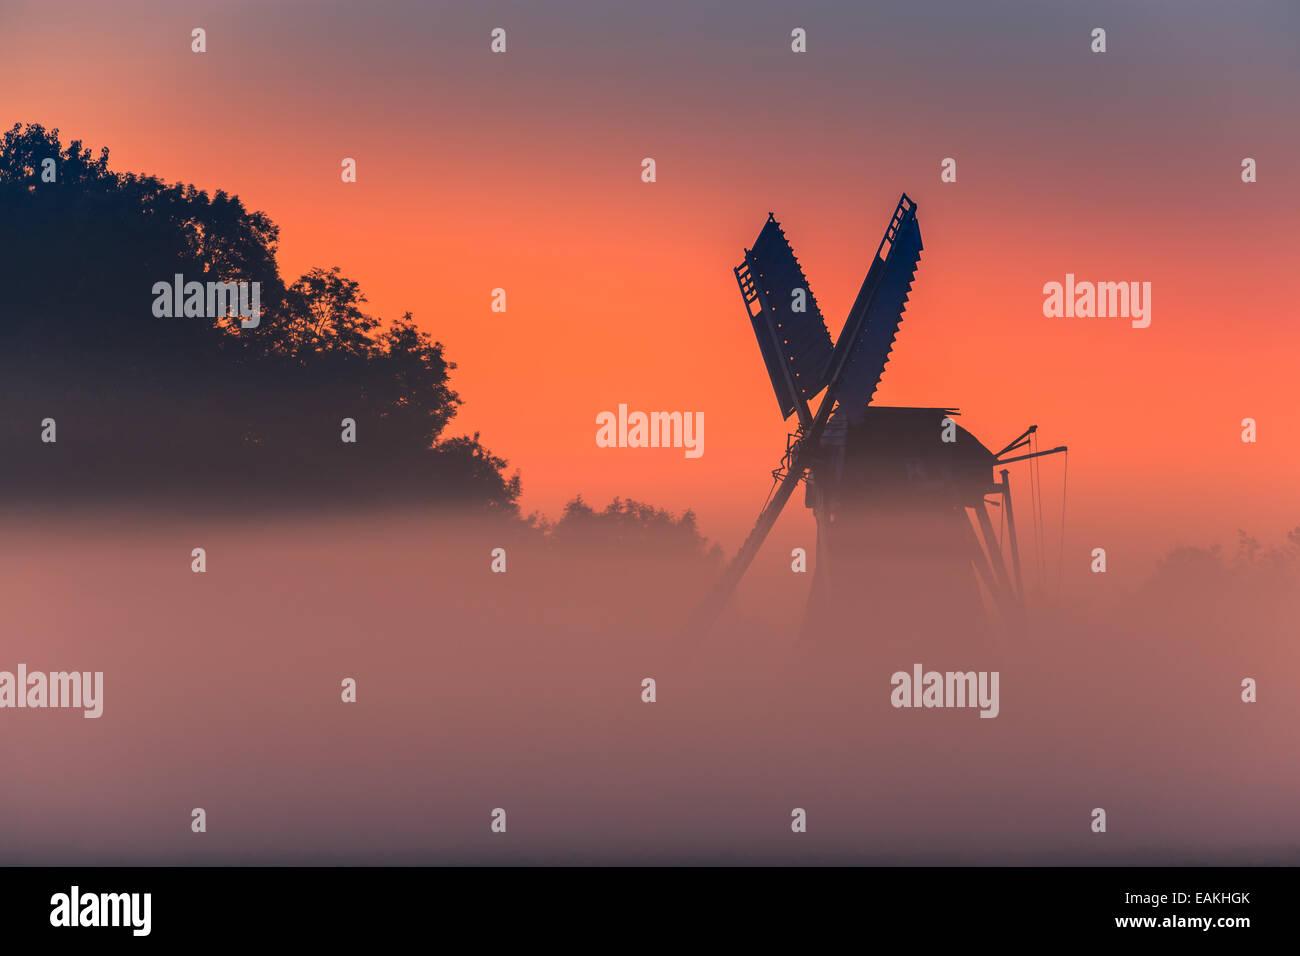 Au lever du soleil dans Langelandster moulin Garmerwolde. Province de Groningue, Pays-Bas Photo Stock